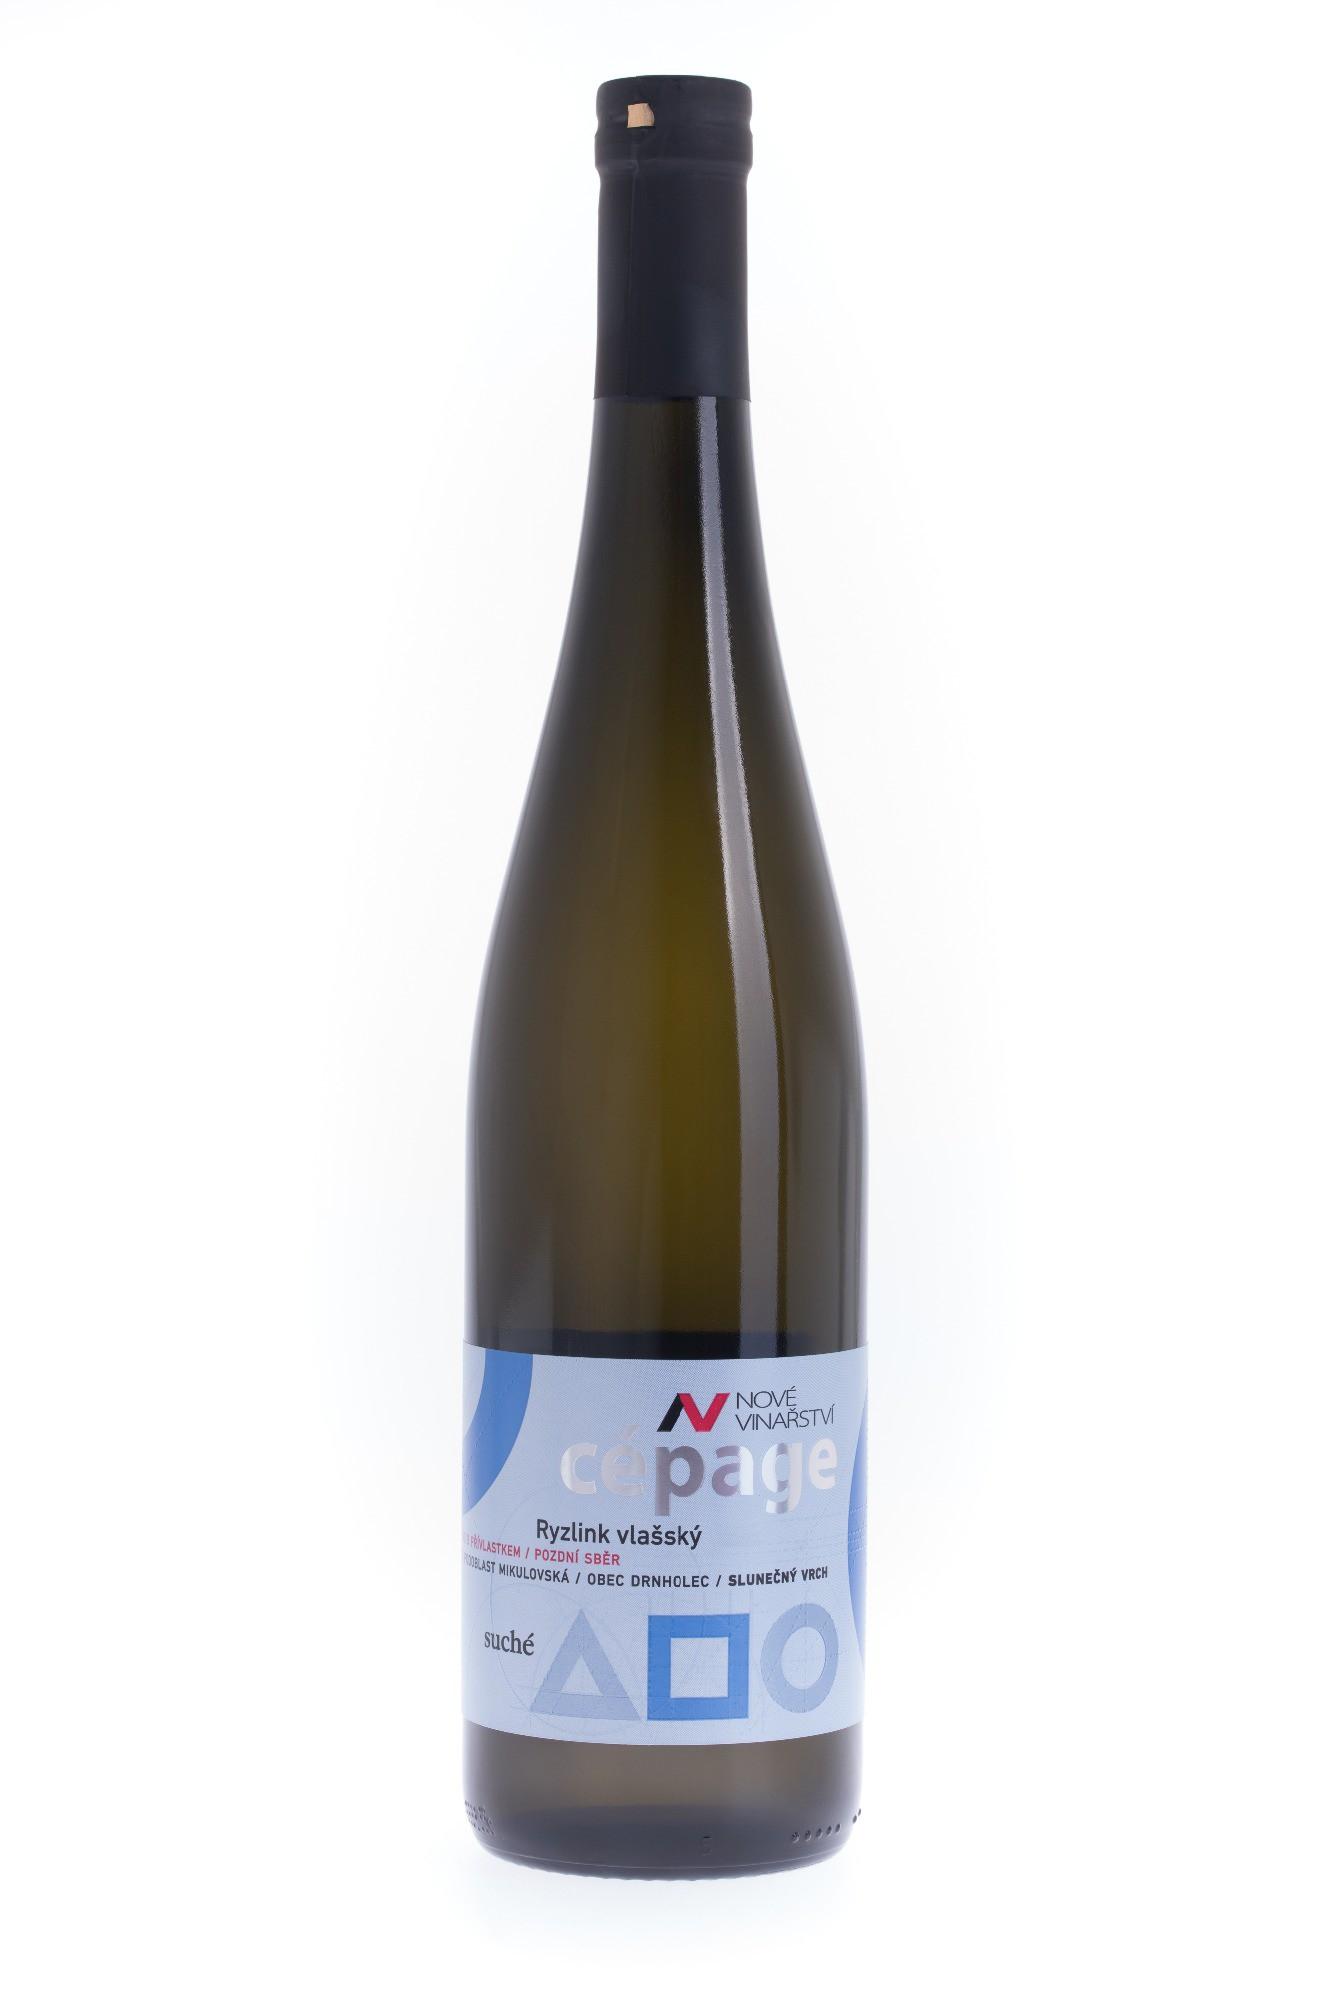 Nové Vinařství - cepage Ryzlink vlašský